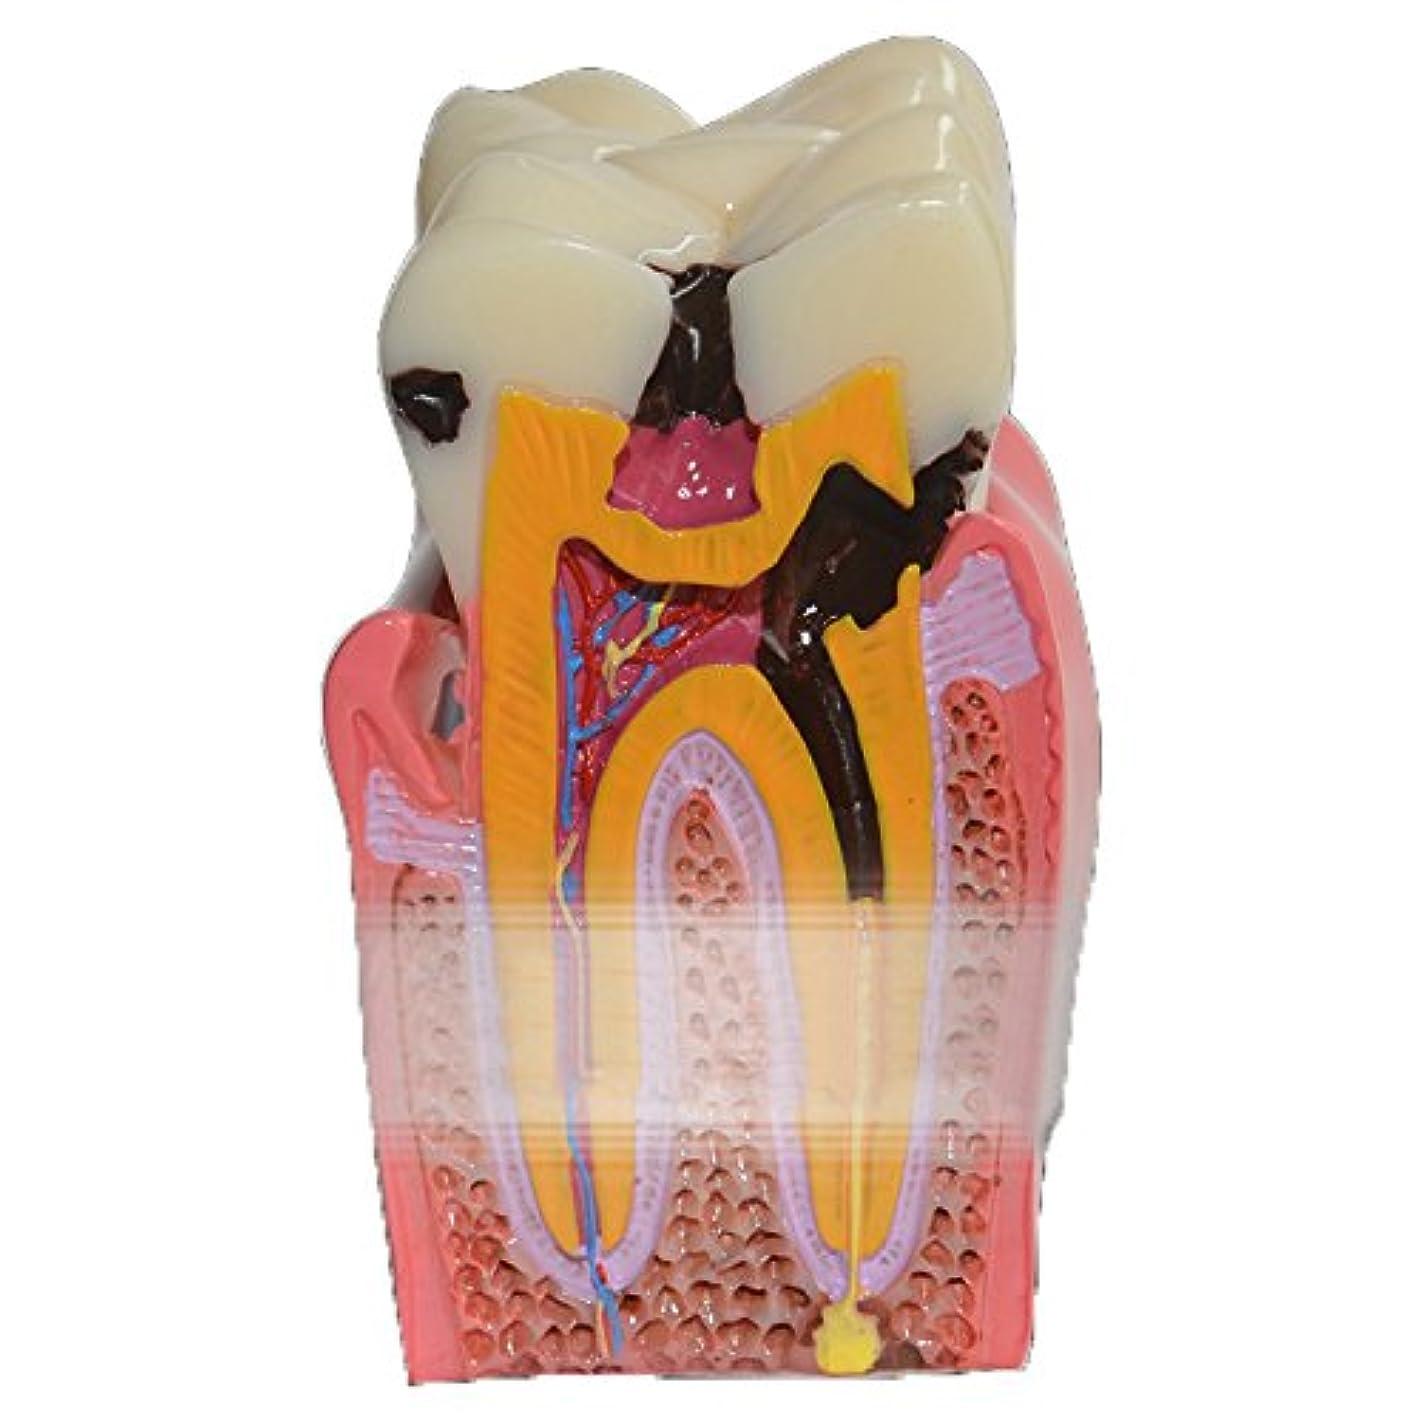 記憶仮説征服者GoDen大人と小児歯模型 解剖学的歯模型 教学用模型